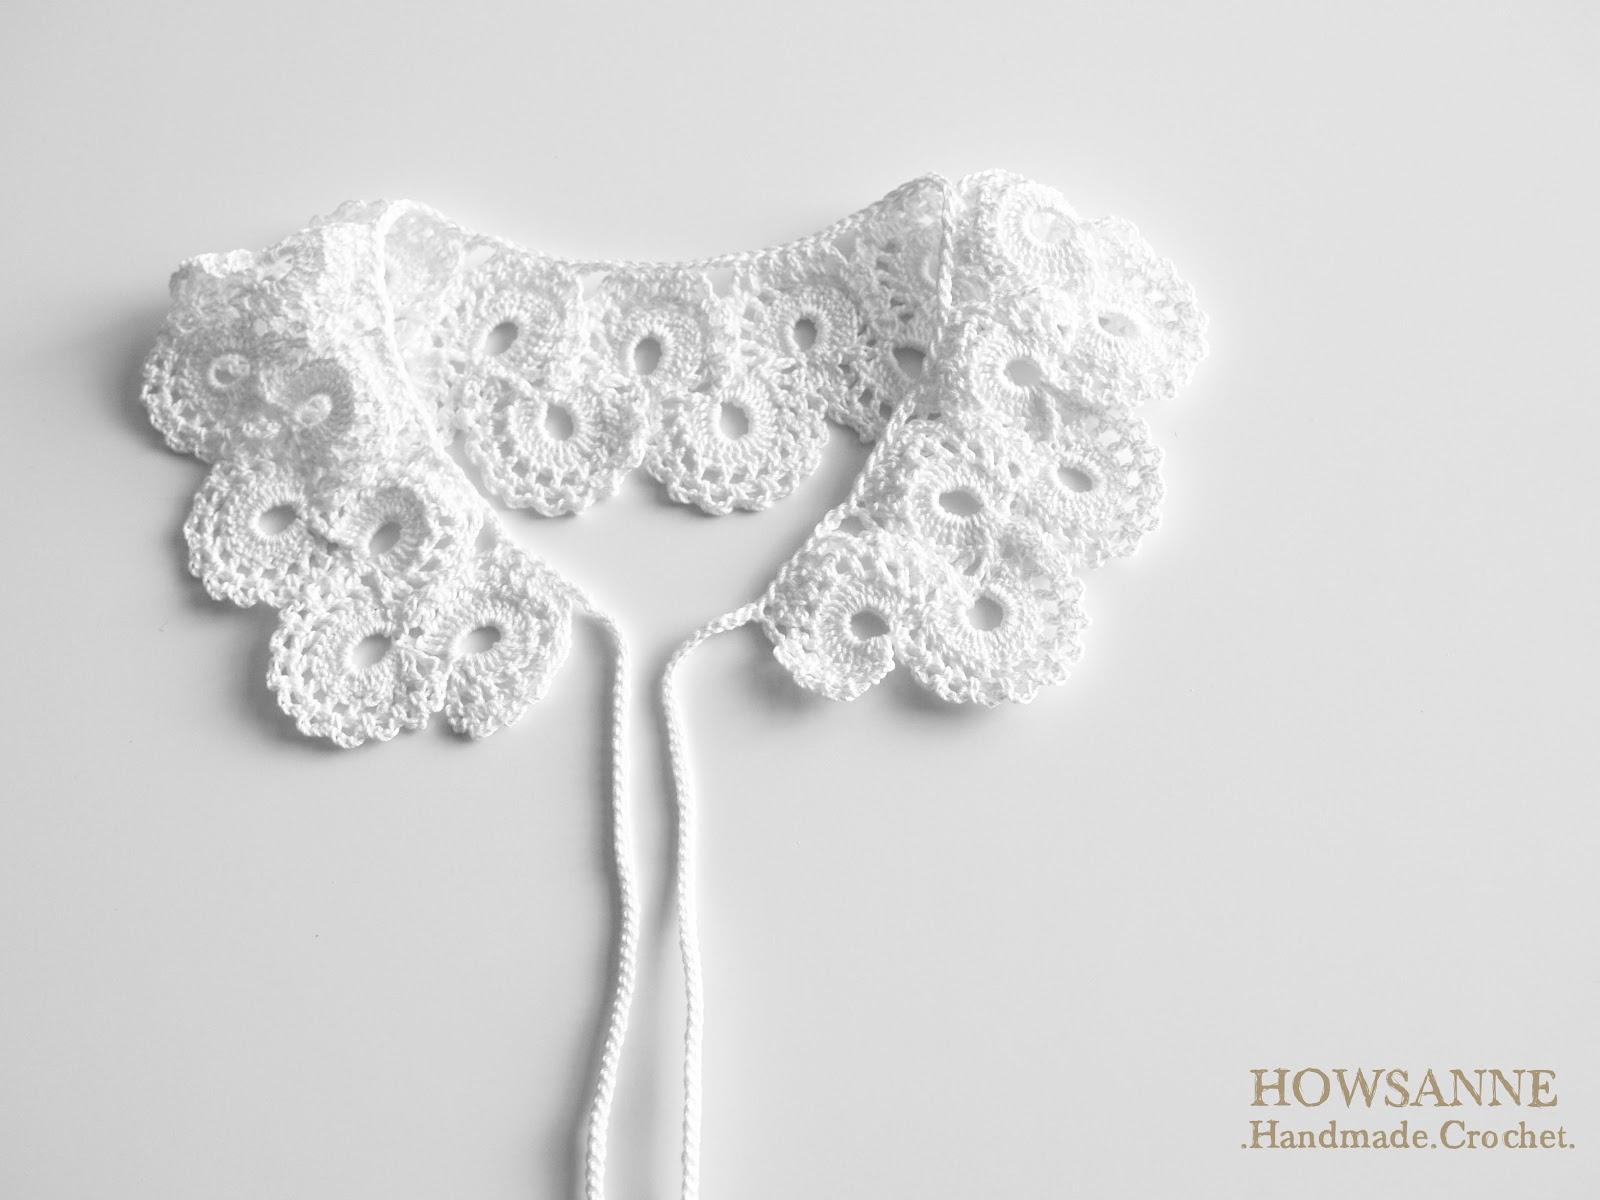 Handmade Crochet : Howsanne Handmade Crochet : Crochet Pattern: Vintage Collar